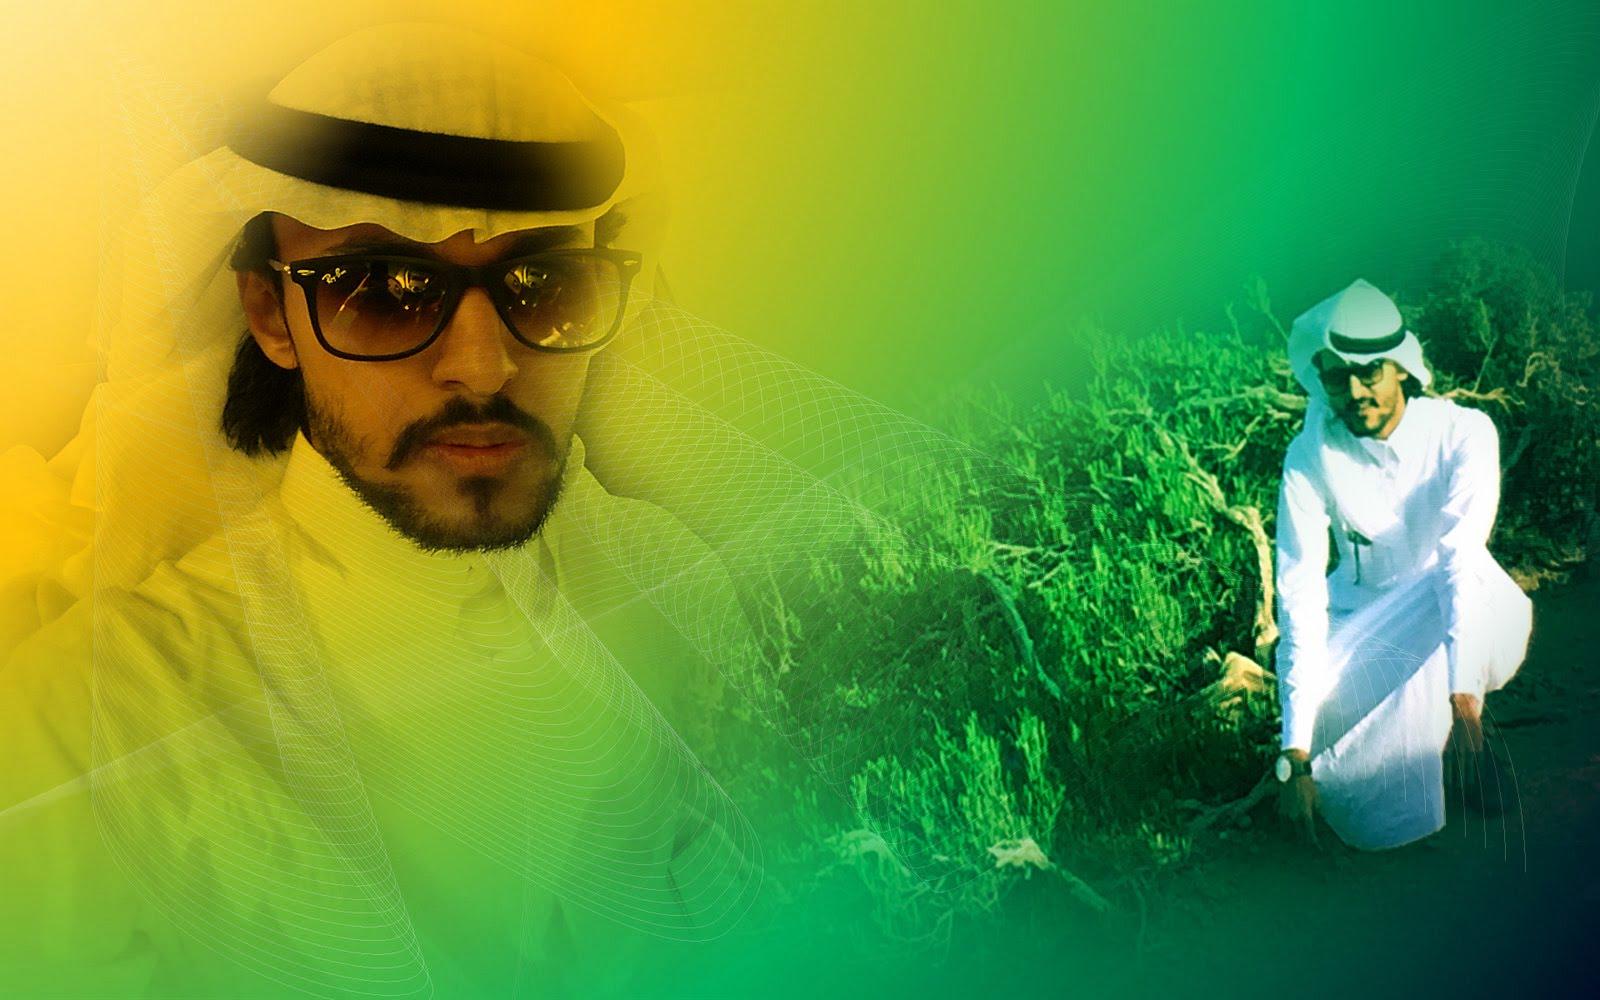 بالصور كلمات وشلون مغليك , كلمات اغنية خالد عبدالرحمن وشلون مغليك 3891 2